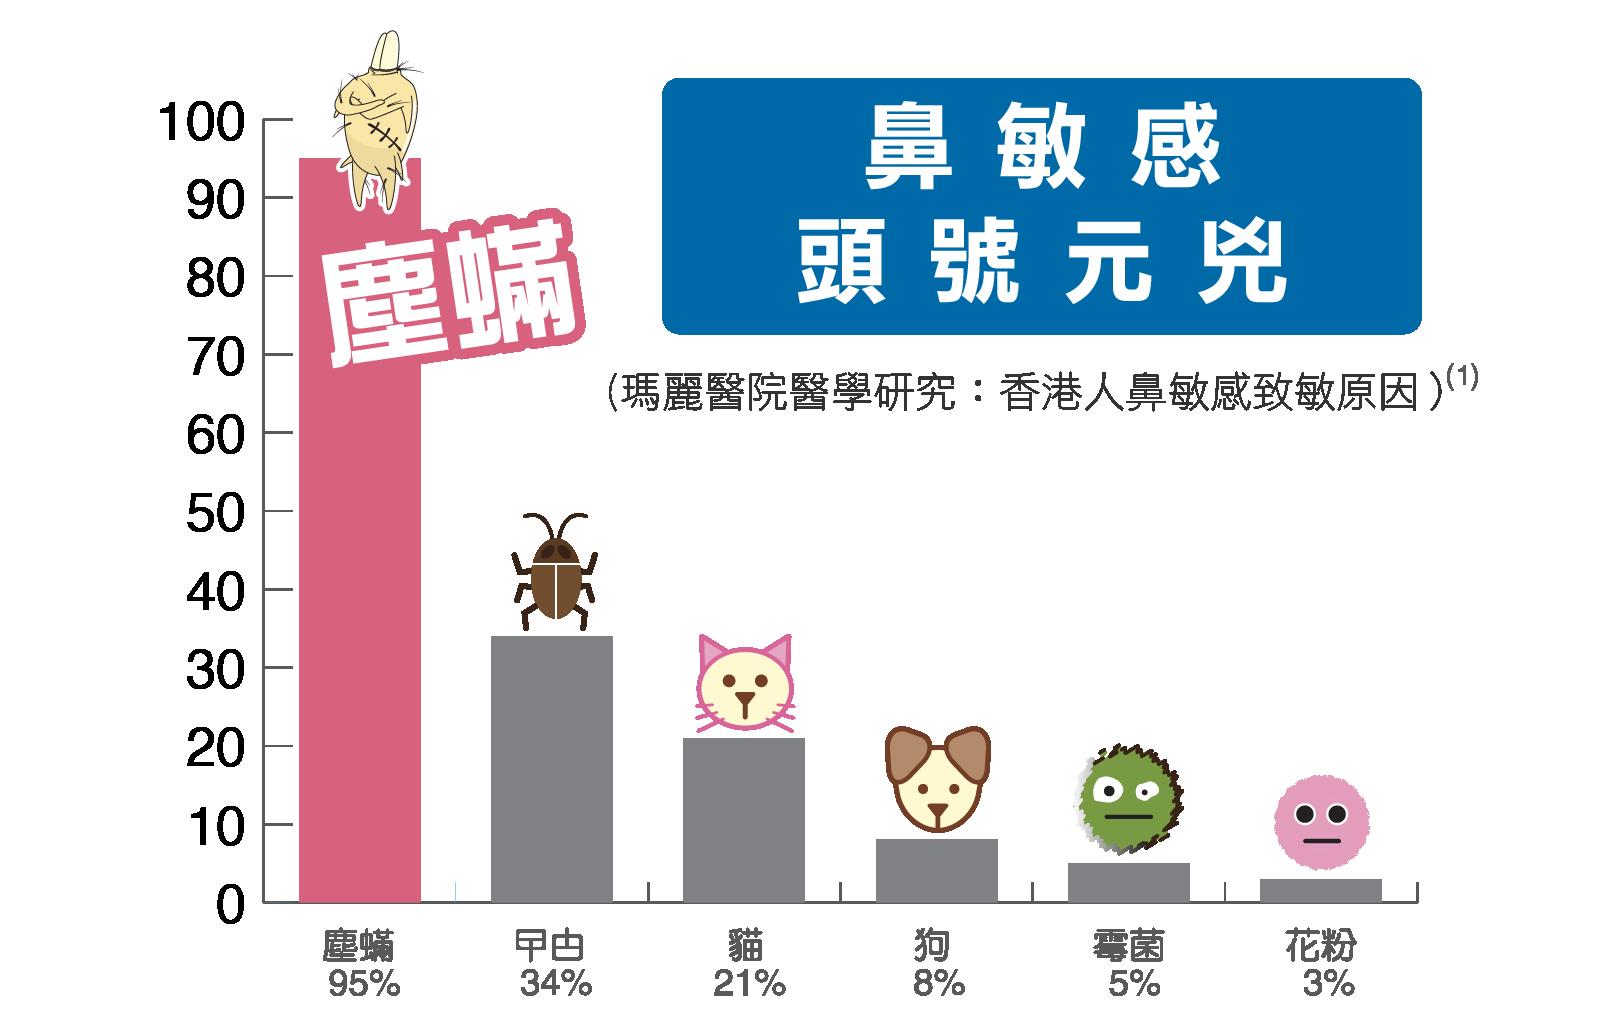 瑪麗醫院研究發現塵蟎是香港人鼻敏感主要成因